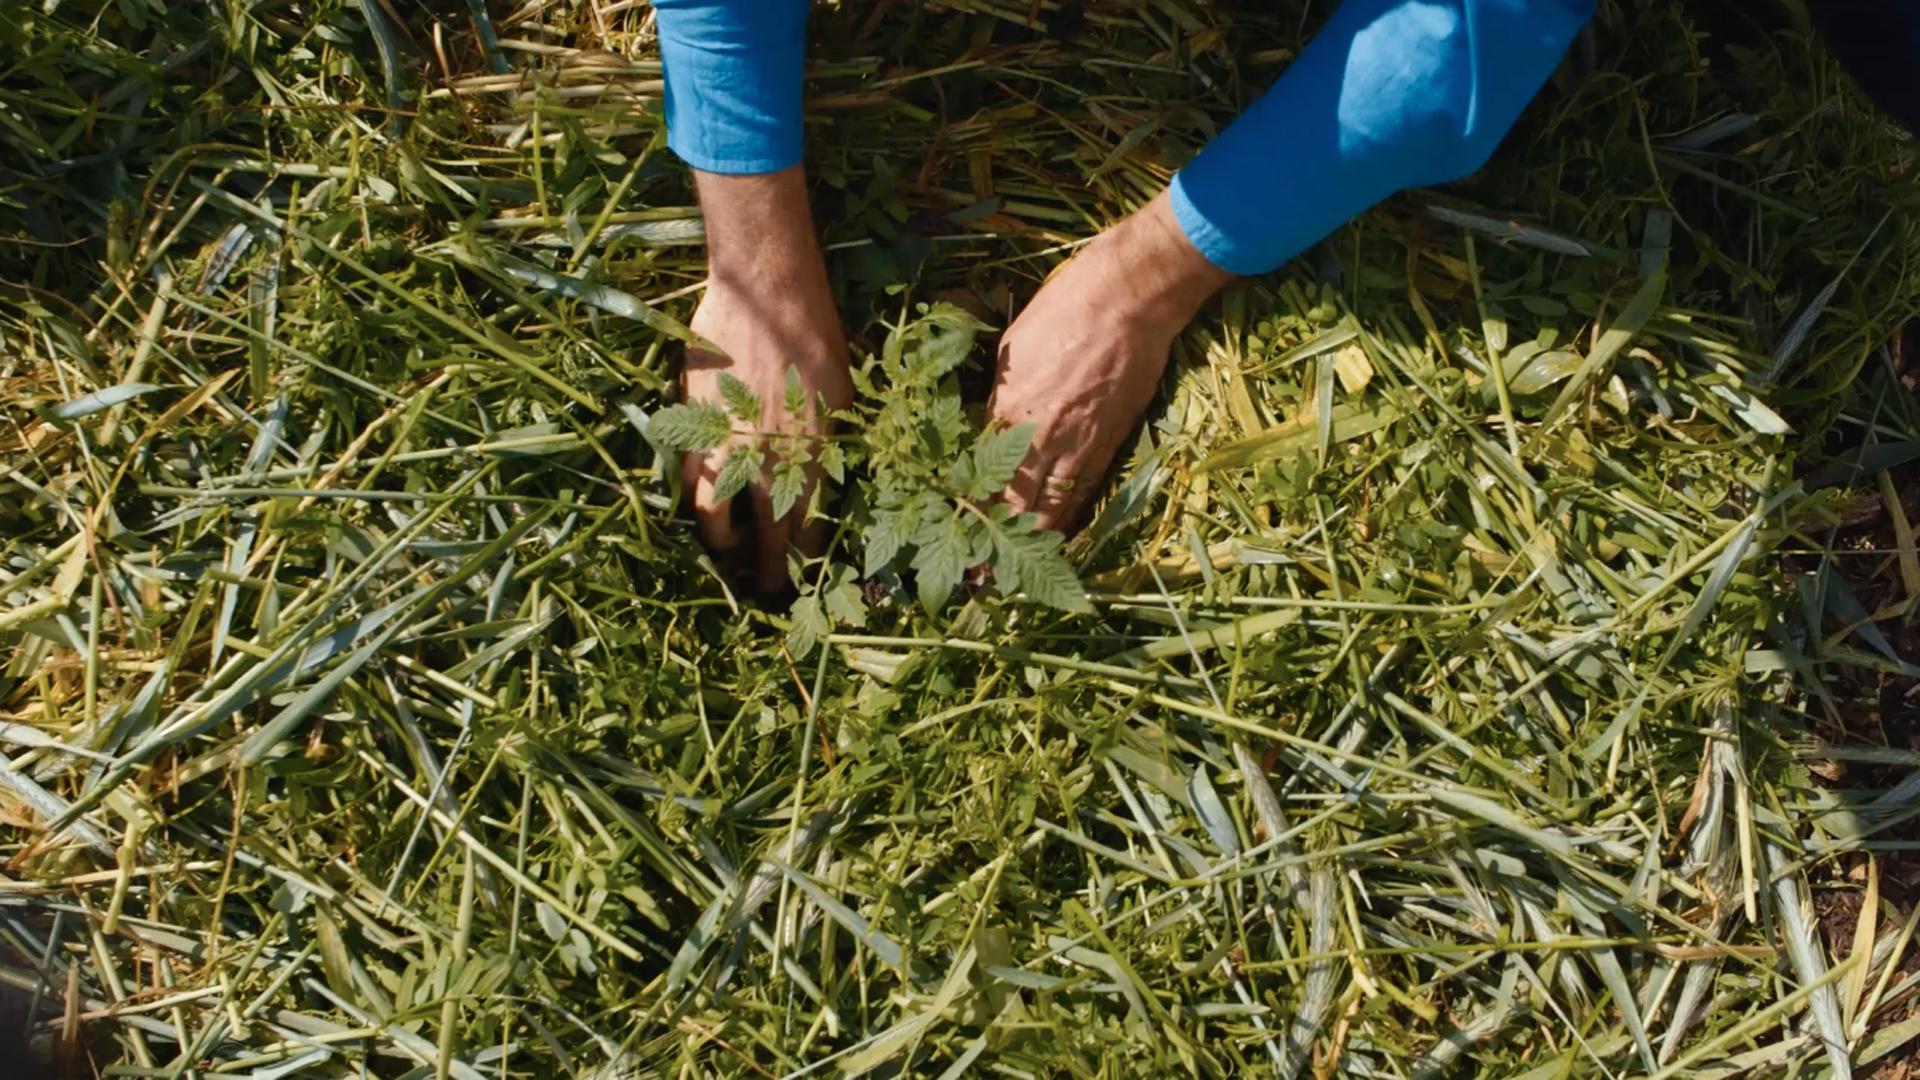 person planting tomato into mulch